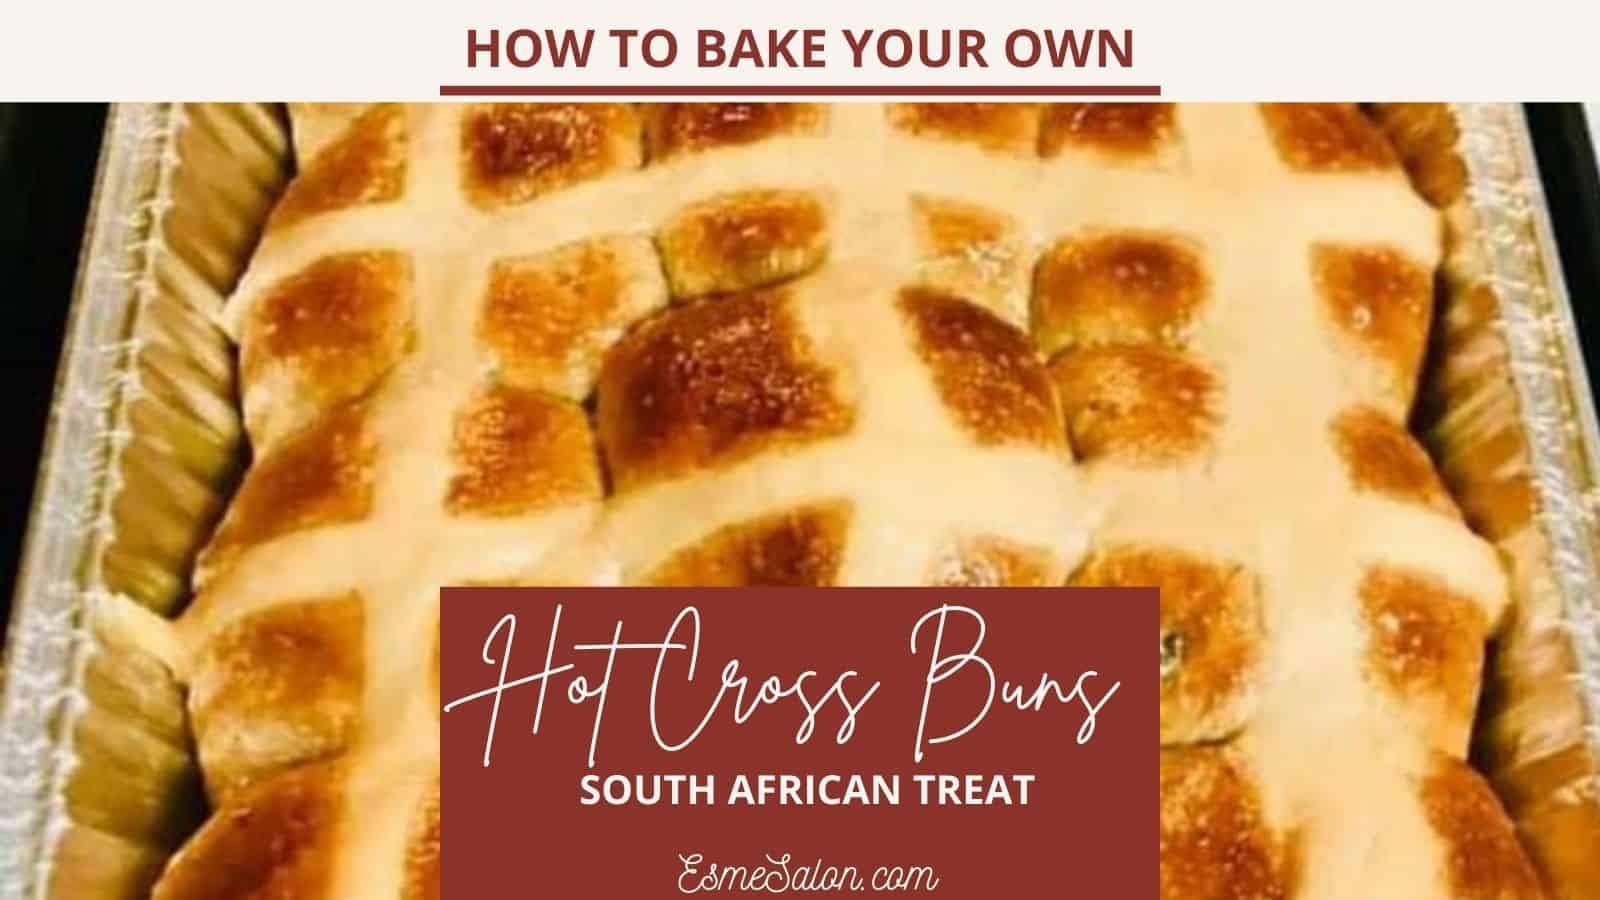 Hot Cross Buns SA